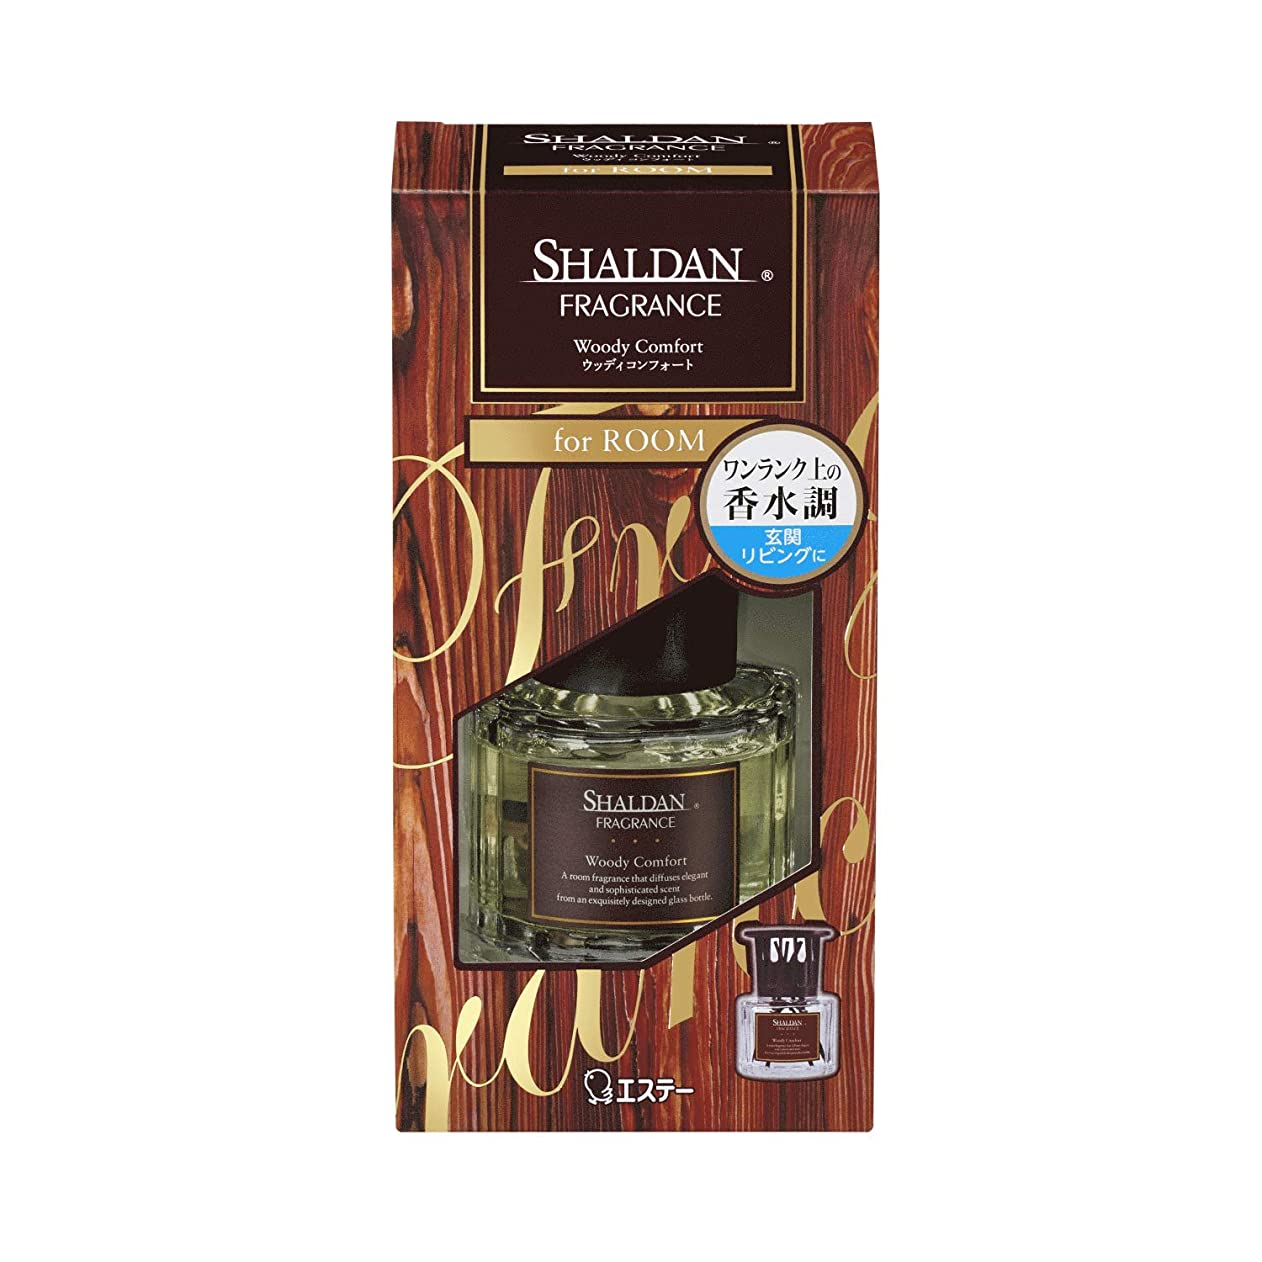 バナートレーダー眉シャルダン SHALDAN フレグランス for ROOM 芳香剤 部屋用 本体 ウッディコンフォート 65mL